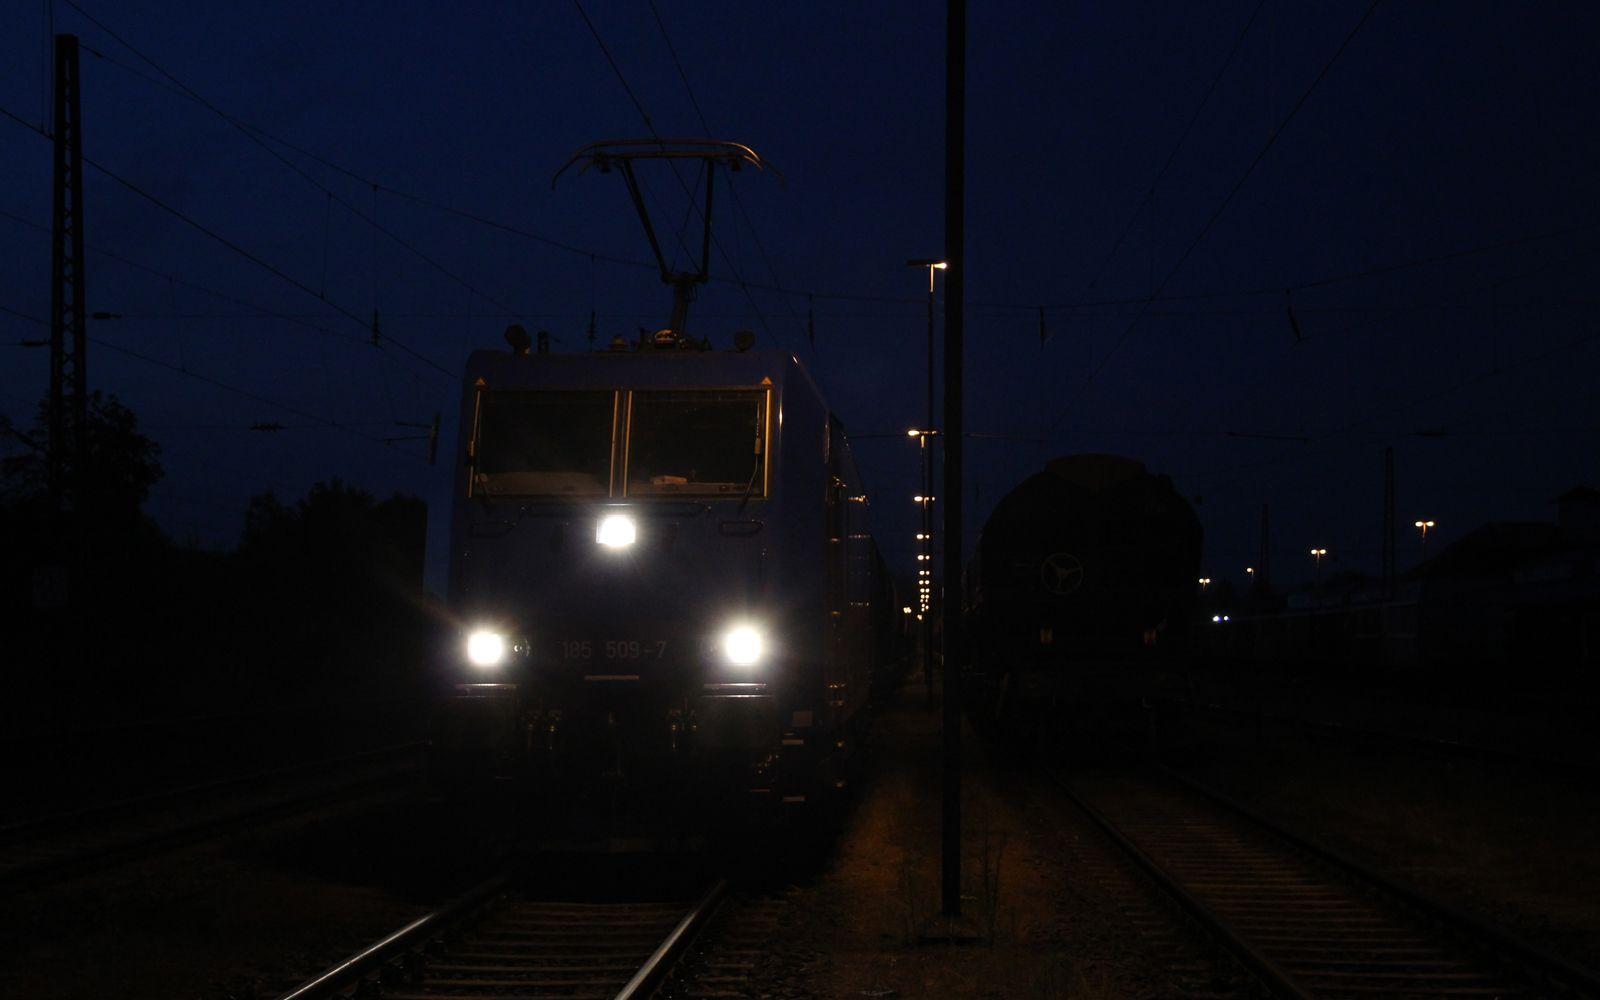 ©Foto: Denis Herwig   railmen   Lokführer im Dienst für InfraLeuna   Kesselwagen mit Diesel werden mit Lok der Baureihe 185 nach Bebra transportiert